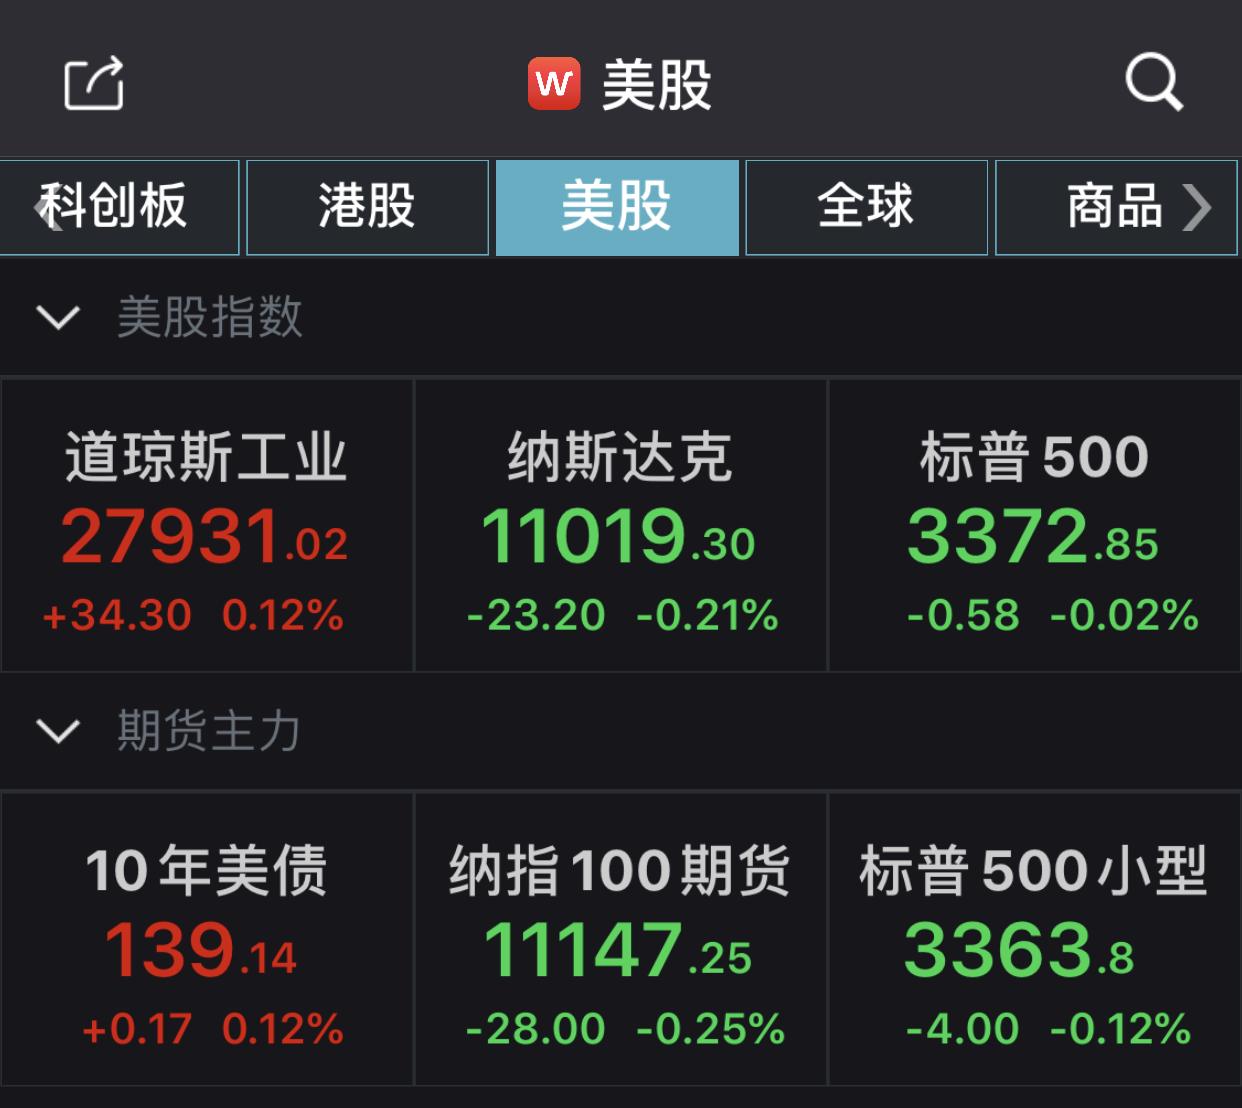 美股本周集体上涨:道指涨1.81%,标普500指数涨0.64%